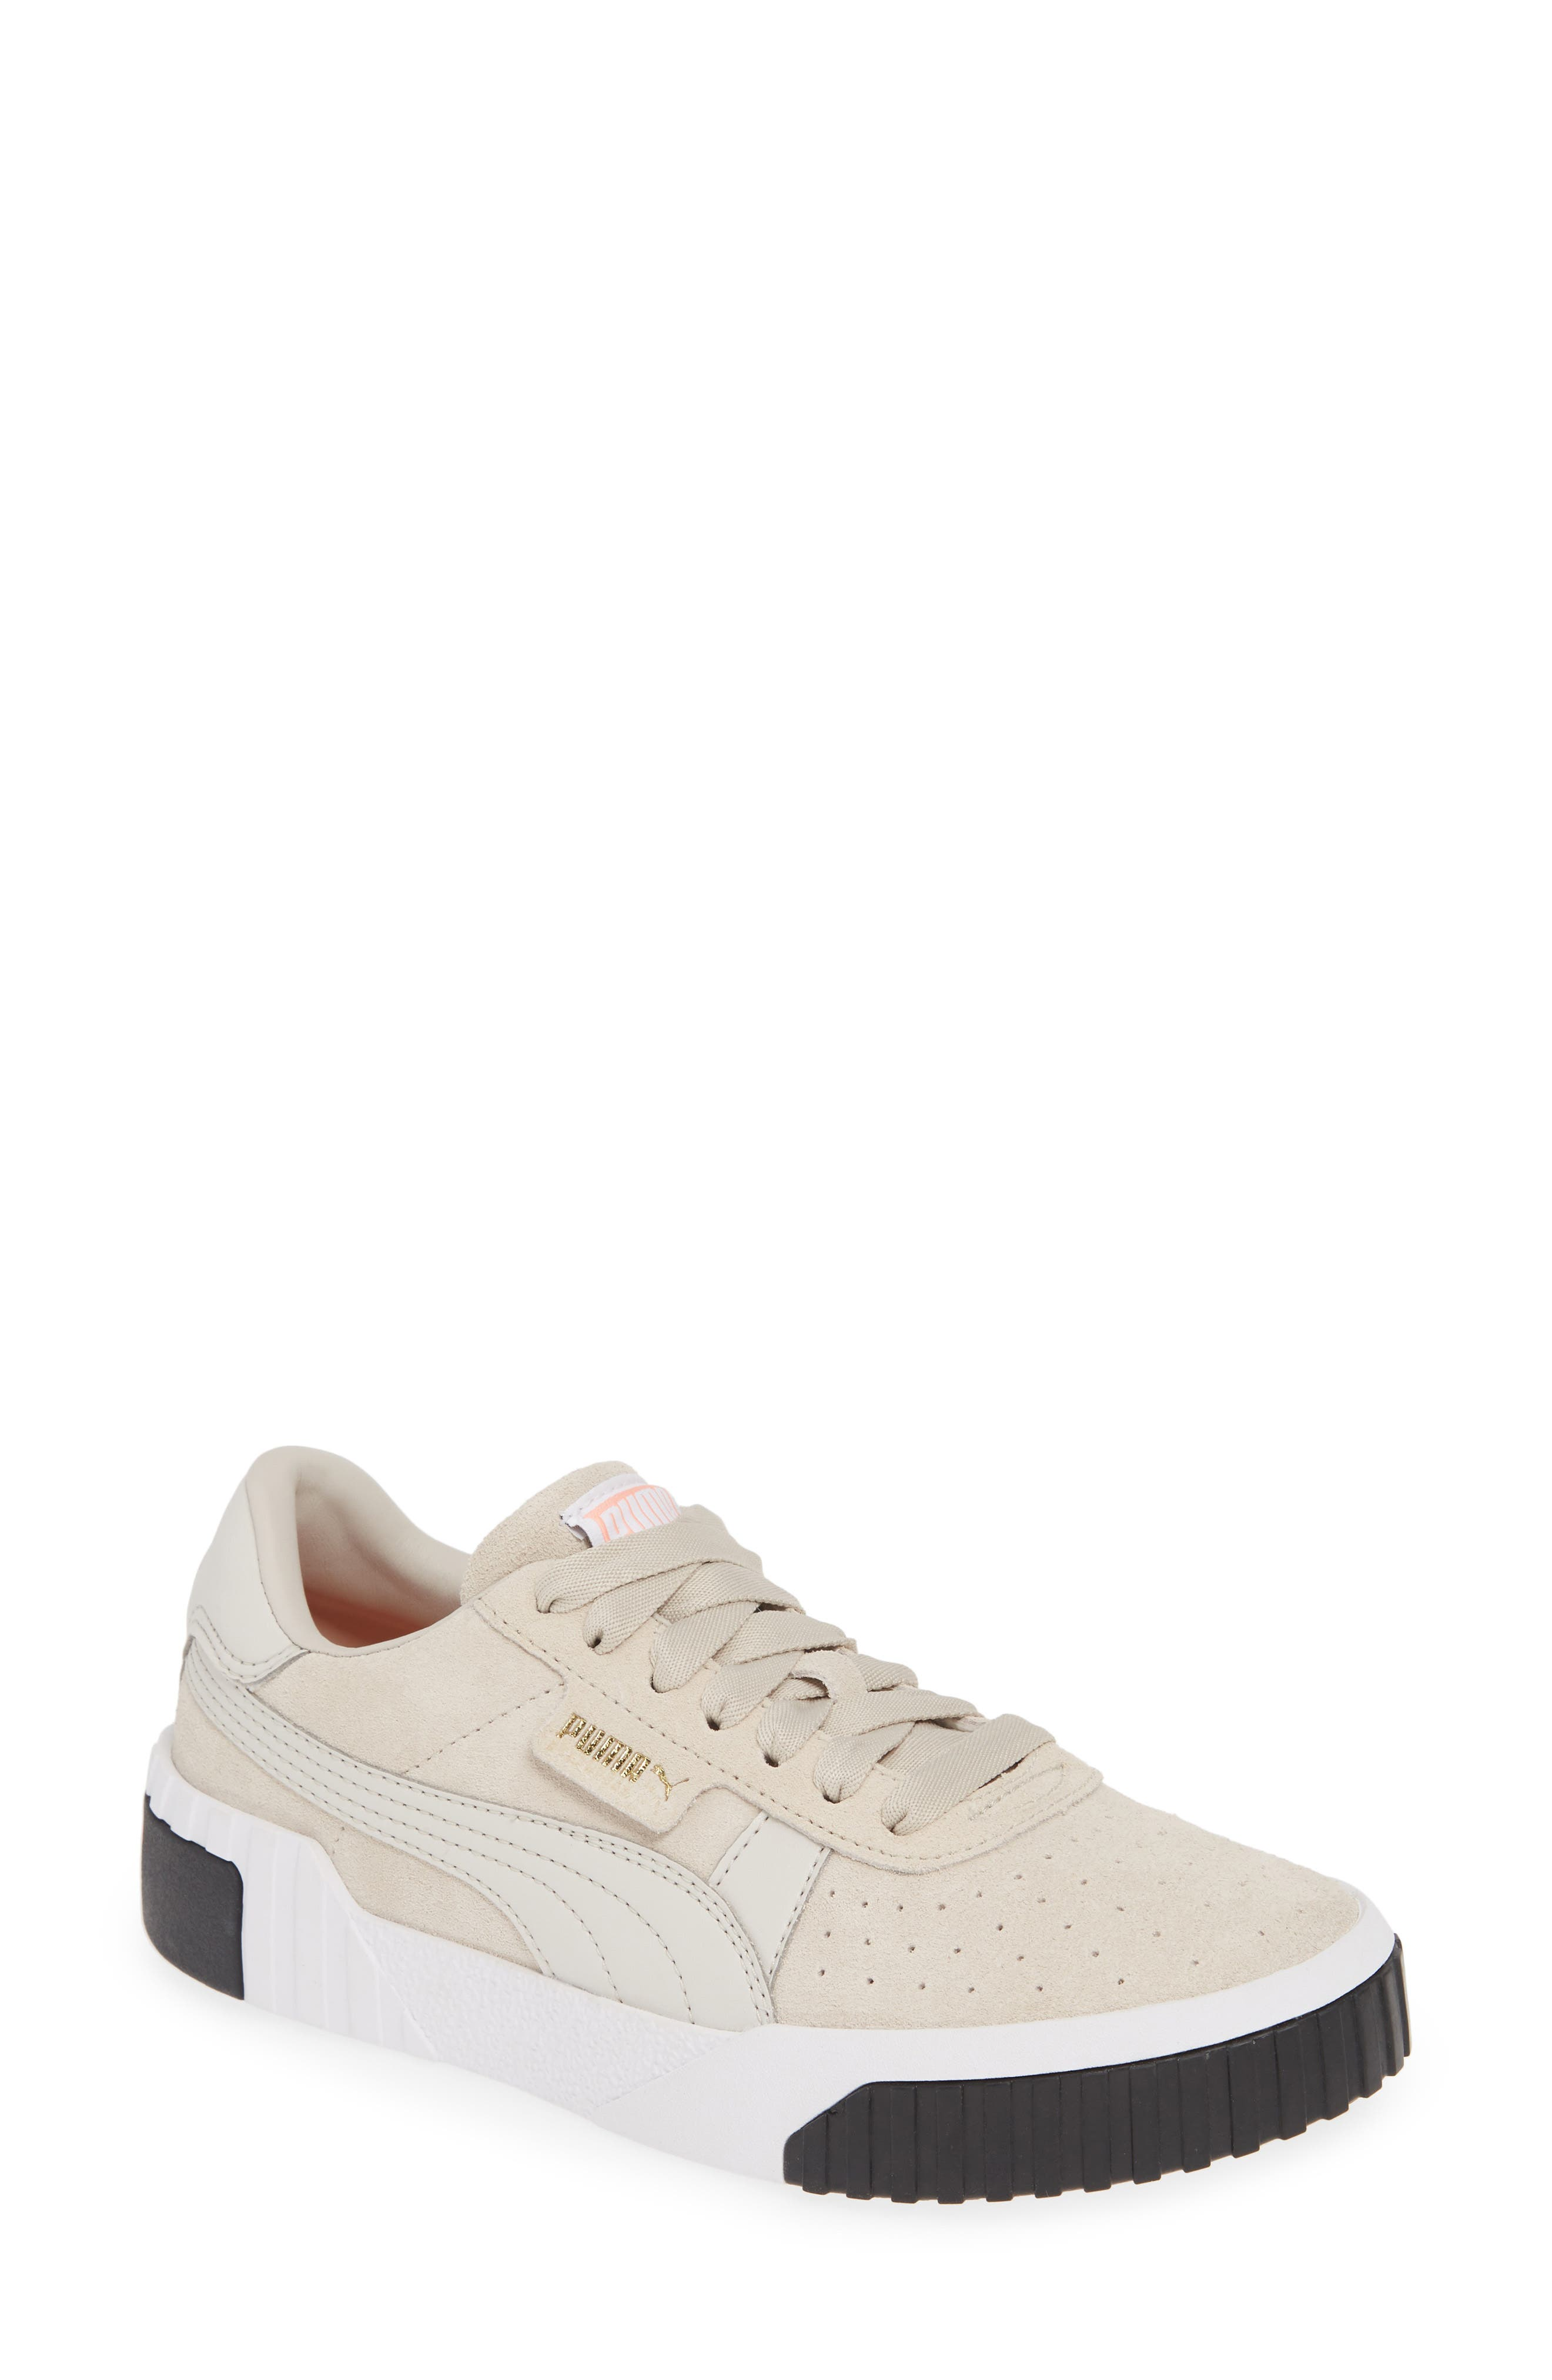 Puma Cali Sneaker, Beige